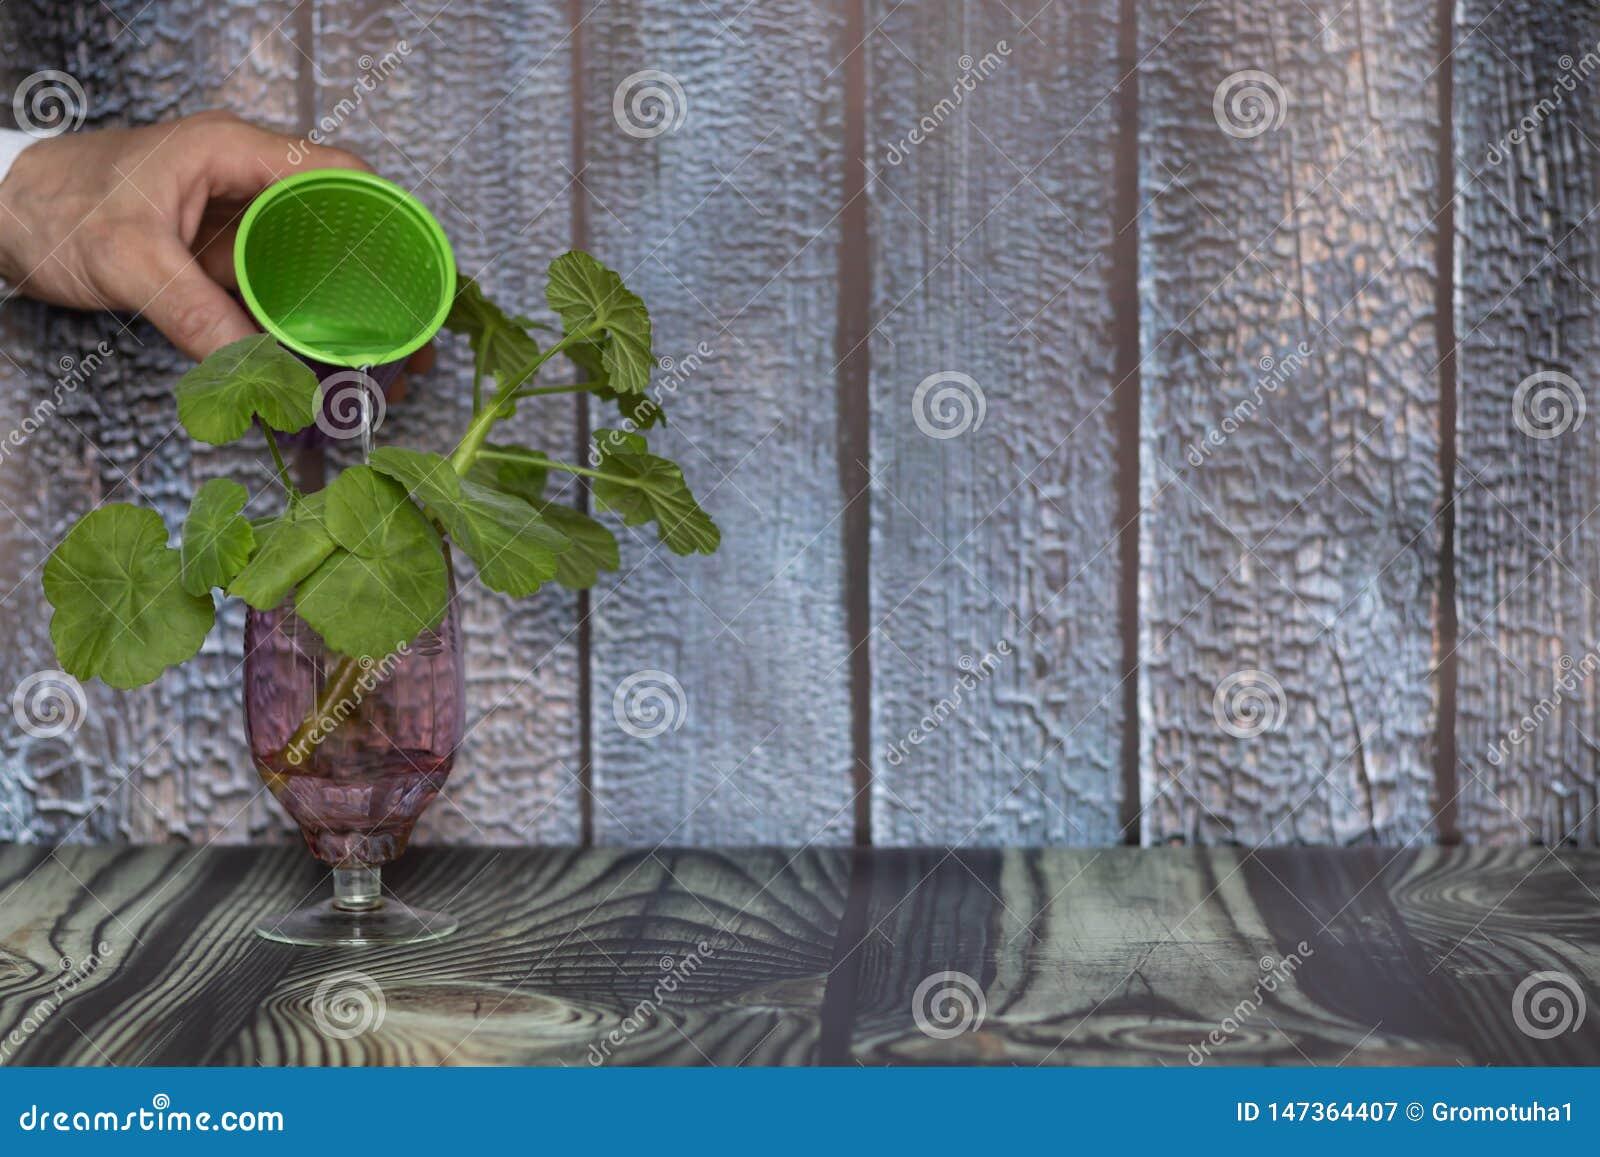 Begreppet av att att bry sig för miljön och bevarandet av miljön Hand som bevattnar en grön växt efter transplantation